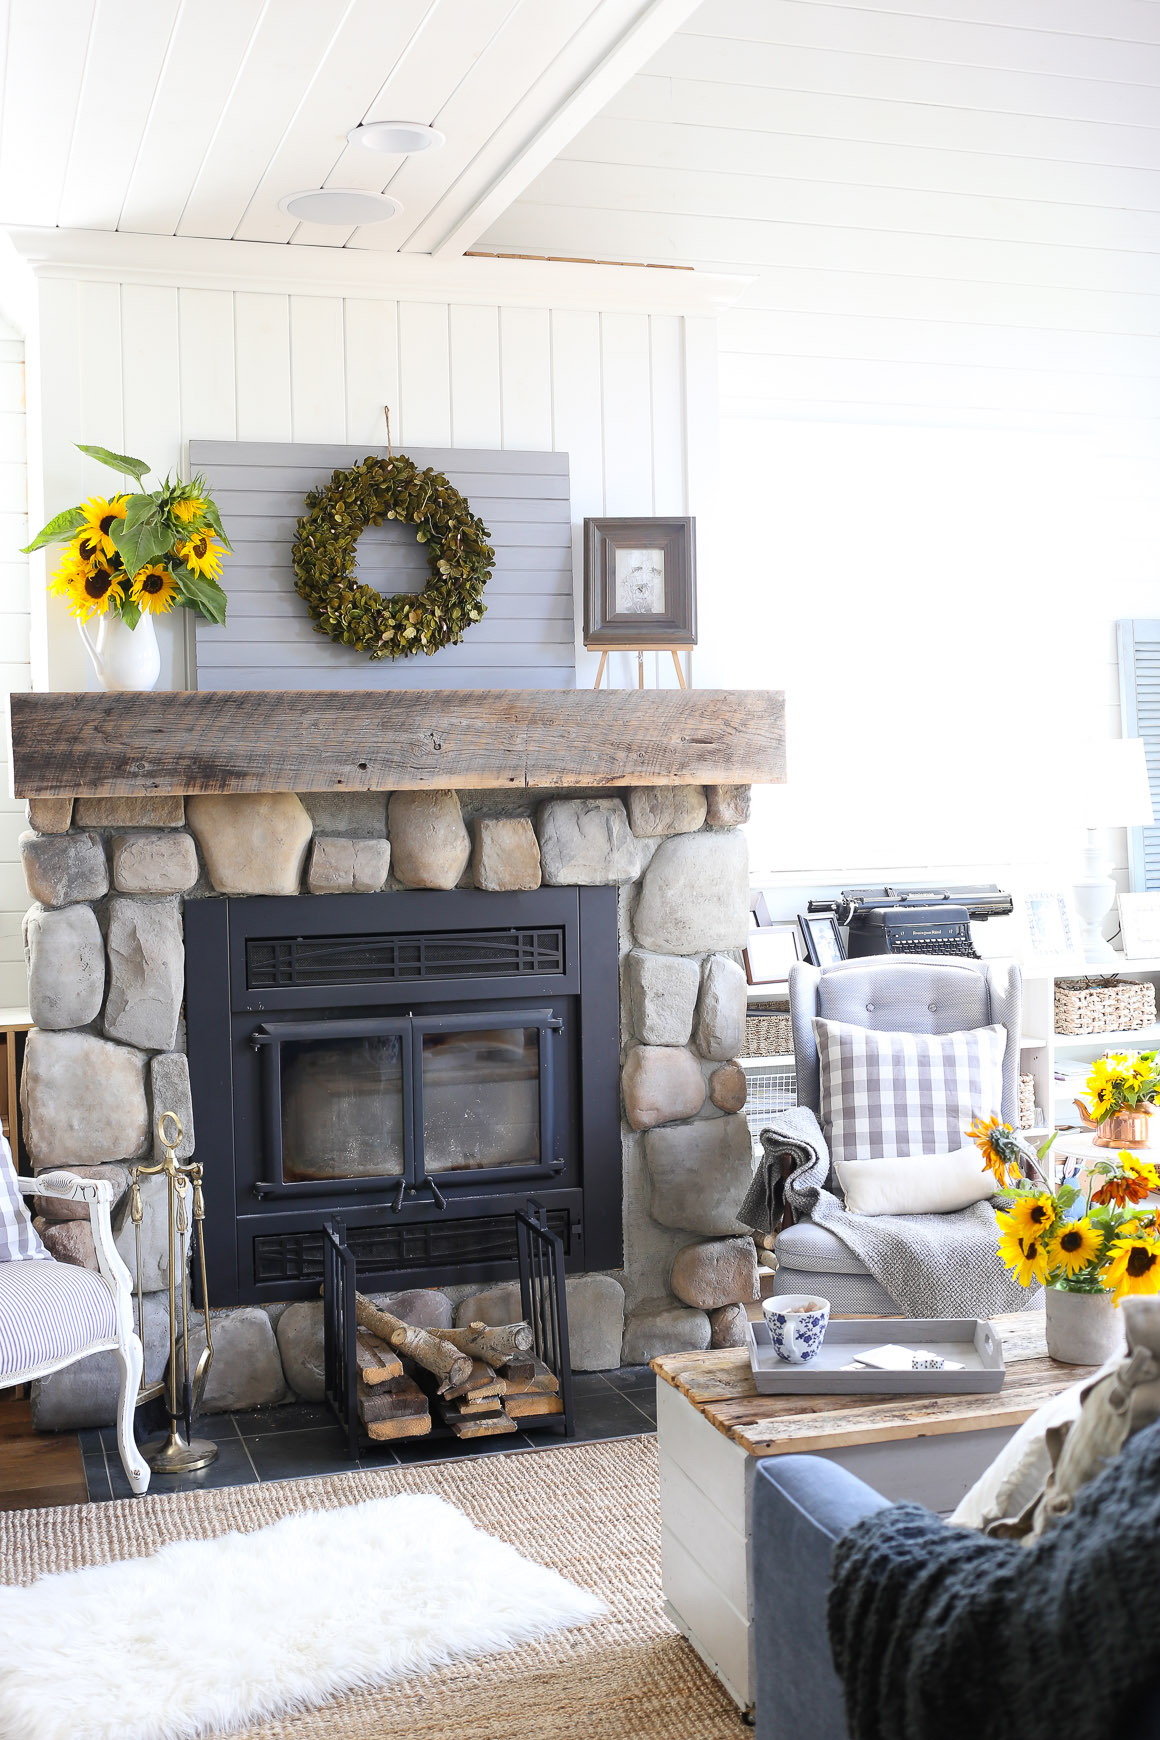 farmhouse-mantel-decor-sunflowers-and-a-boxwood-wreath-3